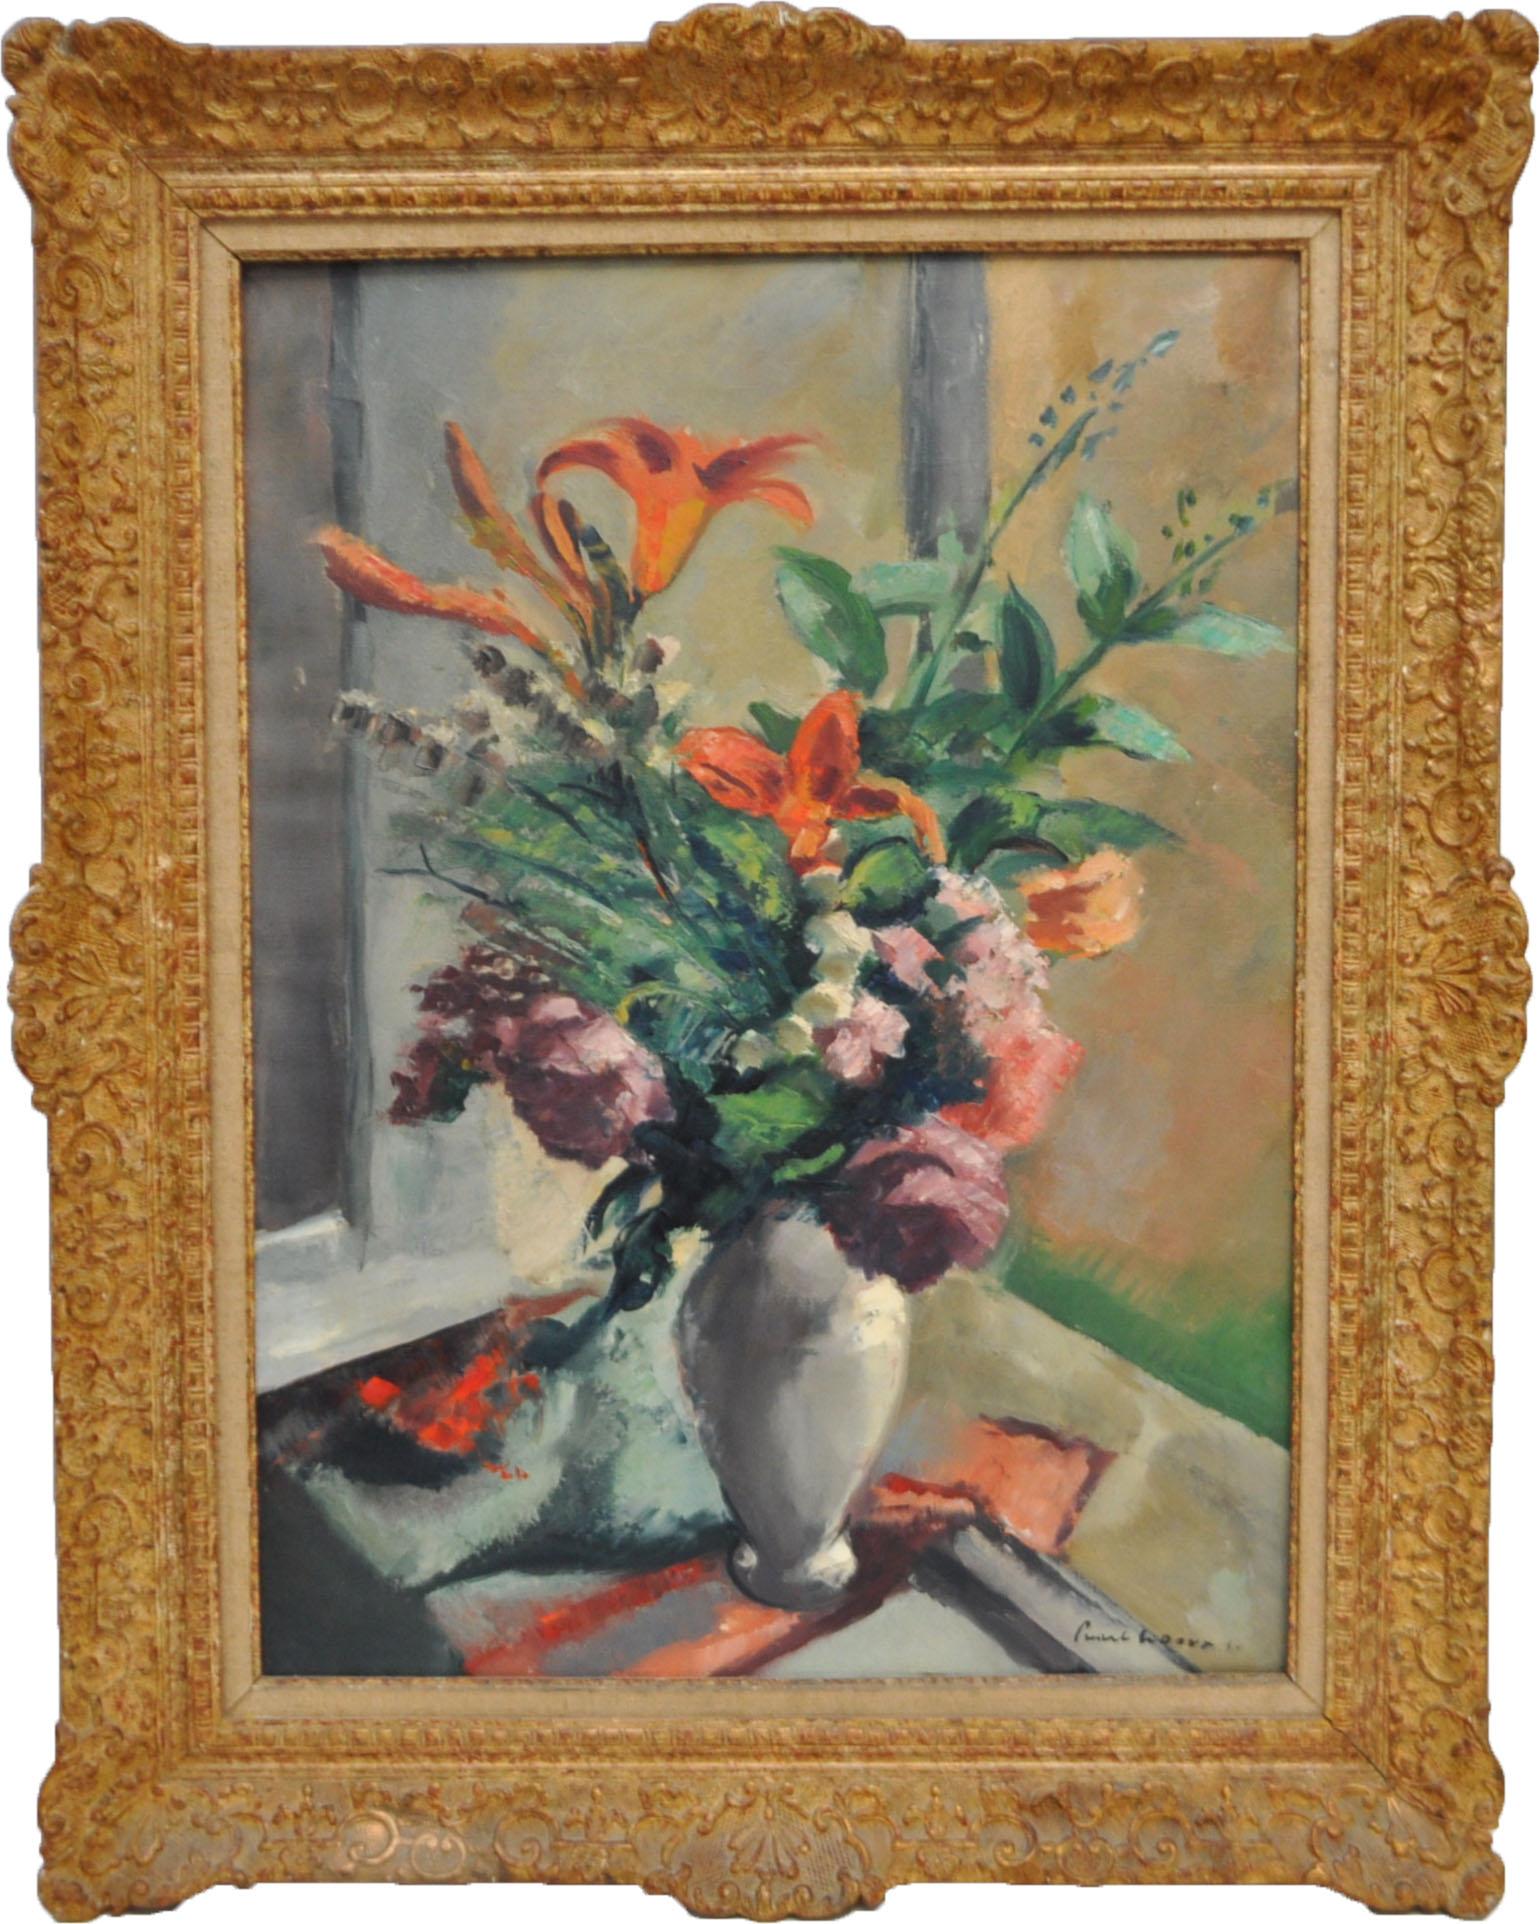 Charles Alexandre Picart le Doux, 'Bouquet de Fleurs.' Estimate: $1,800-$2,200. Charleston Estate Auctions image